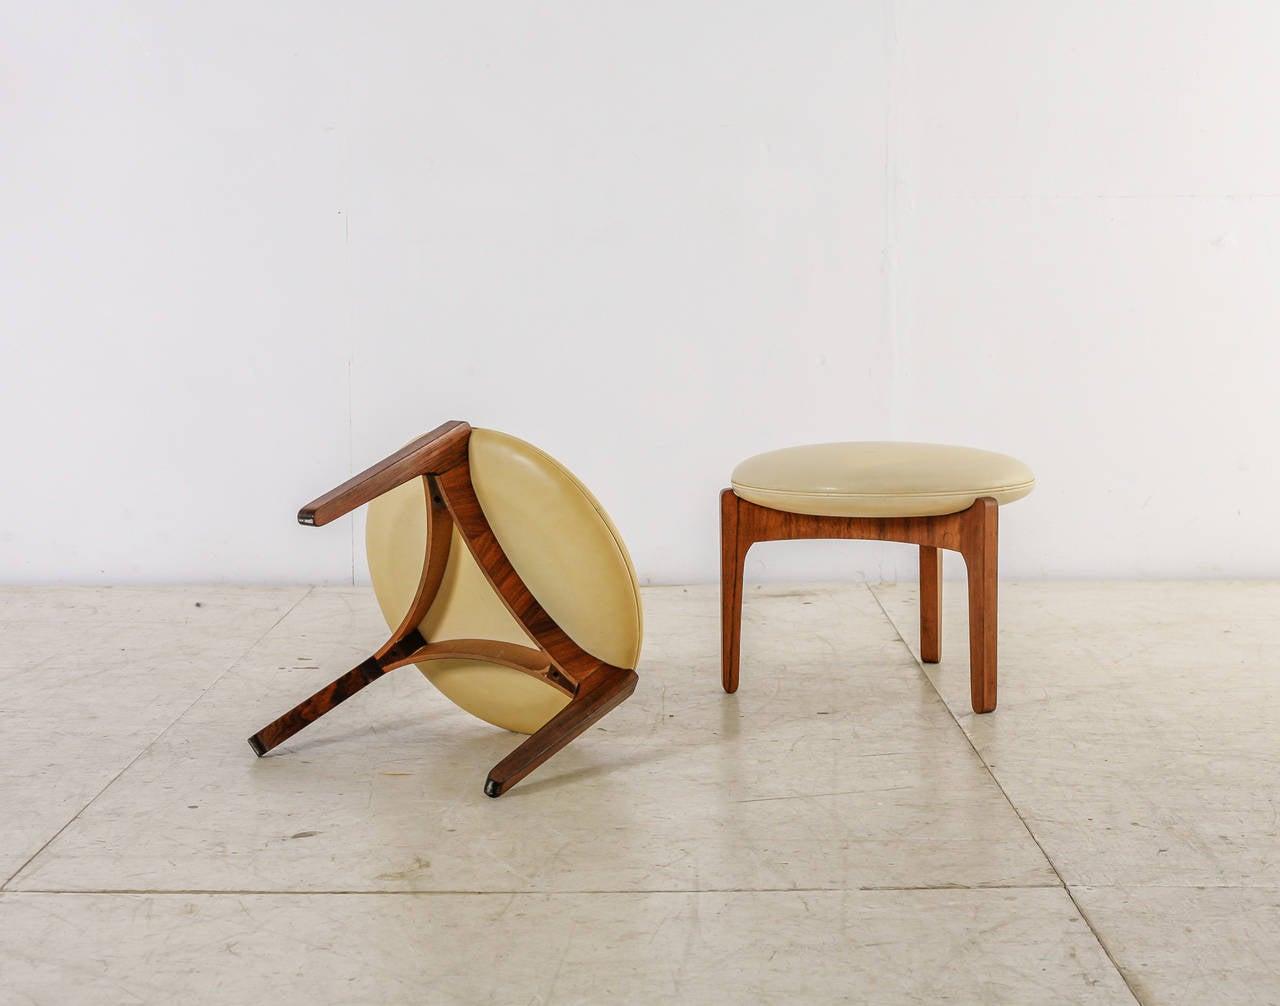 Danish Pair of Sven Ellekaer Stools, Chr. Linneberg Møbelfabrik, Denmark, 1960s For Sale